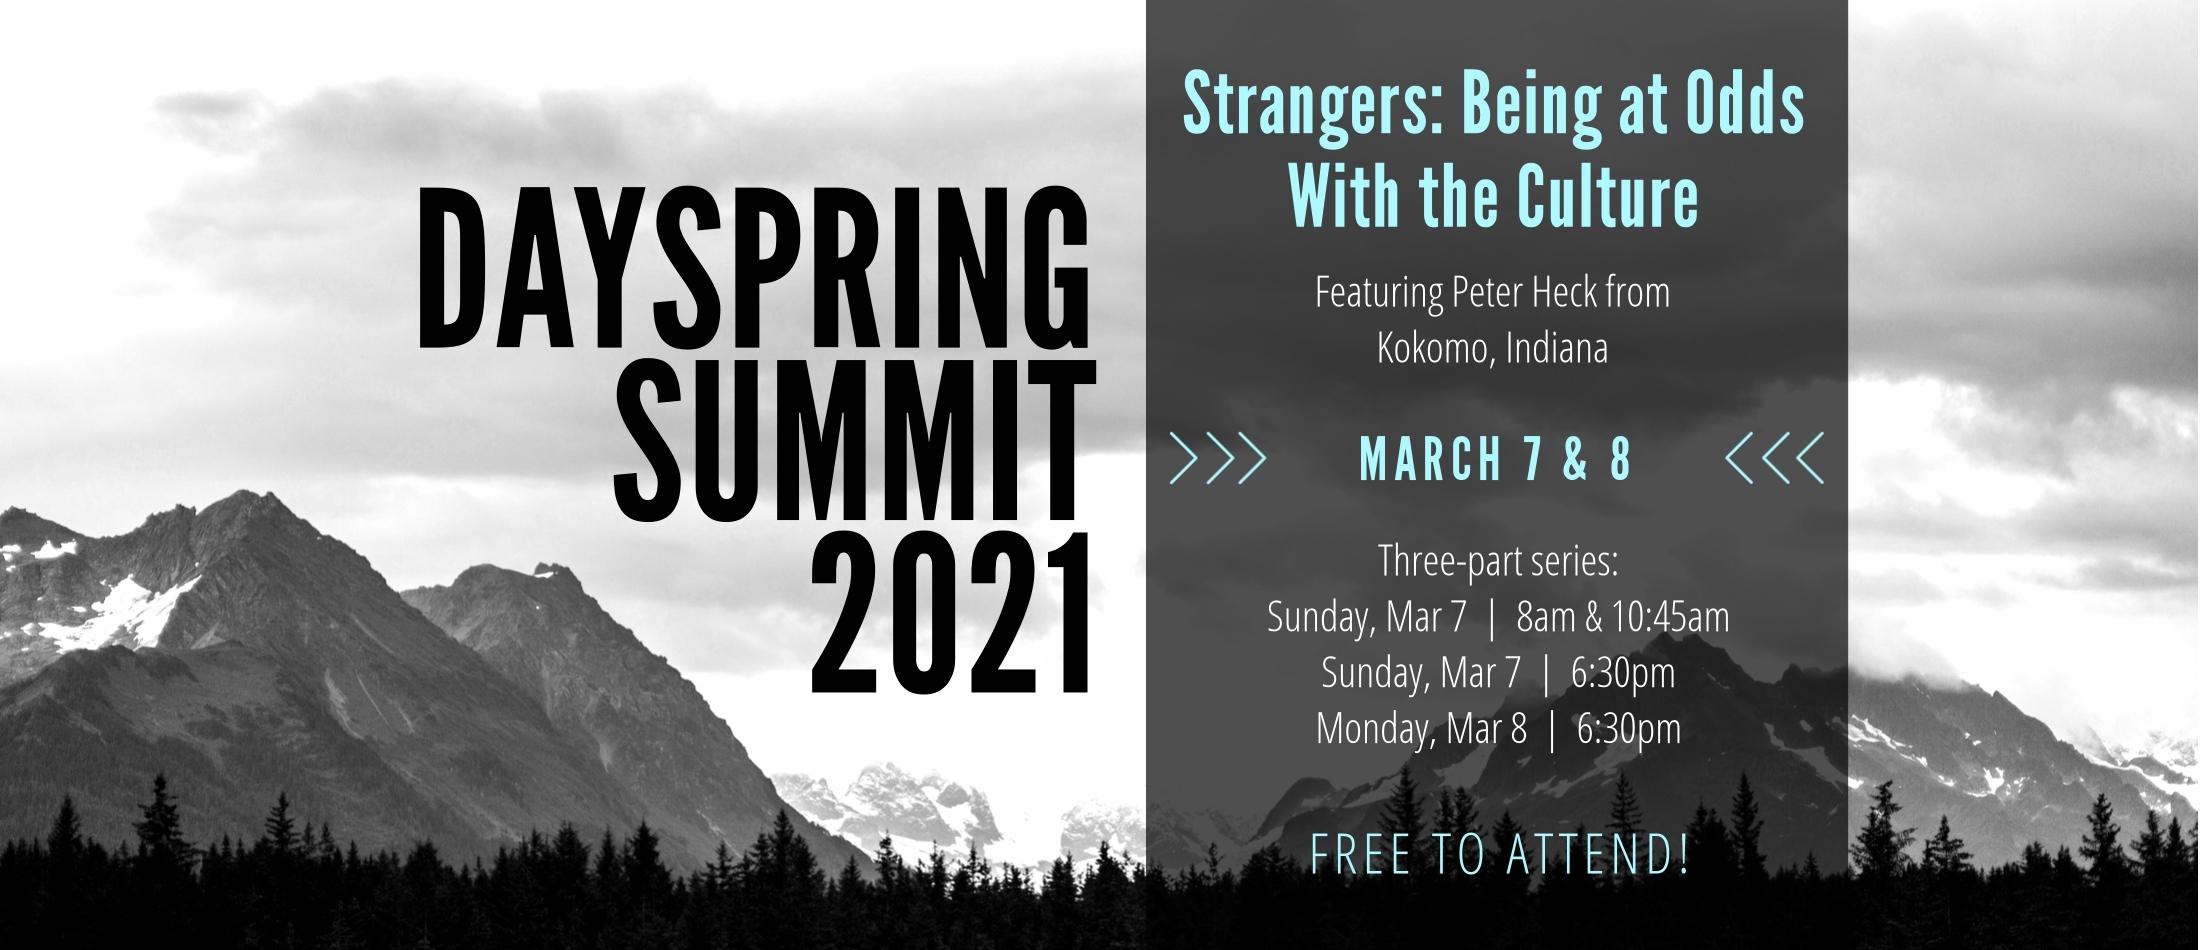 WEBSITE_BANNER_Dayspring_Summit_2021 (1)